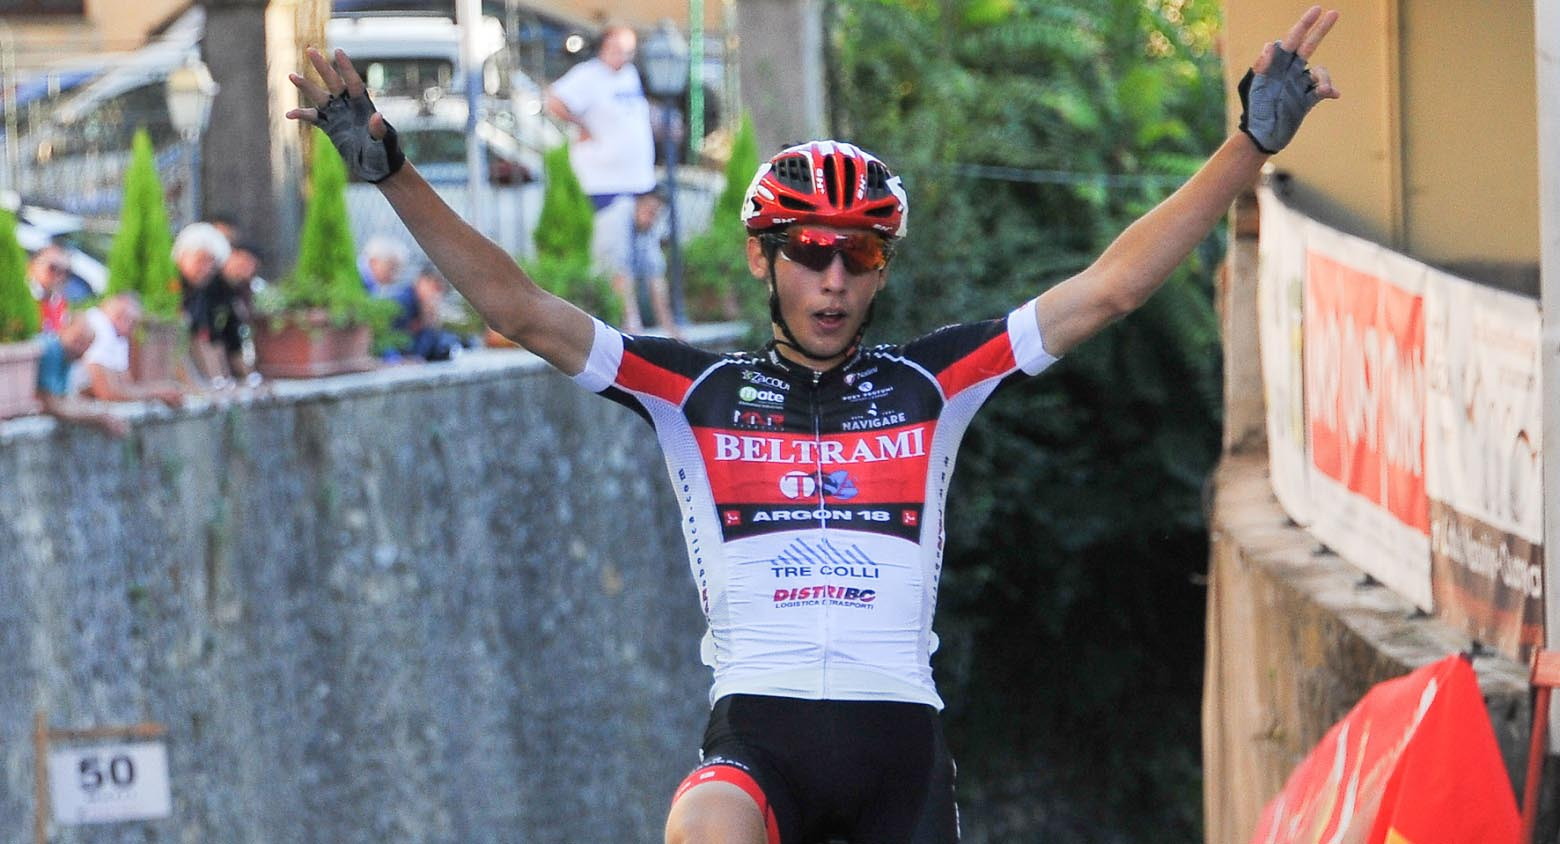 Manuele Tarozzi vince a Castelletto Cervo